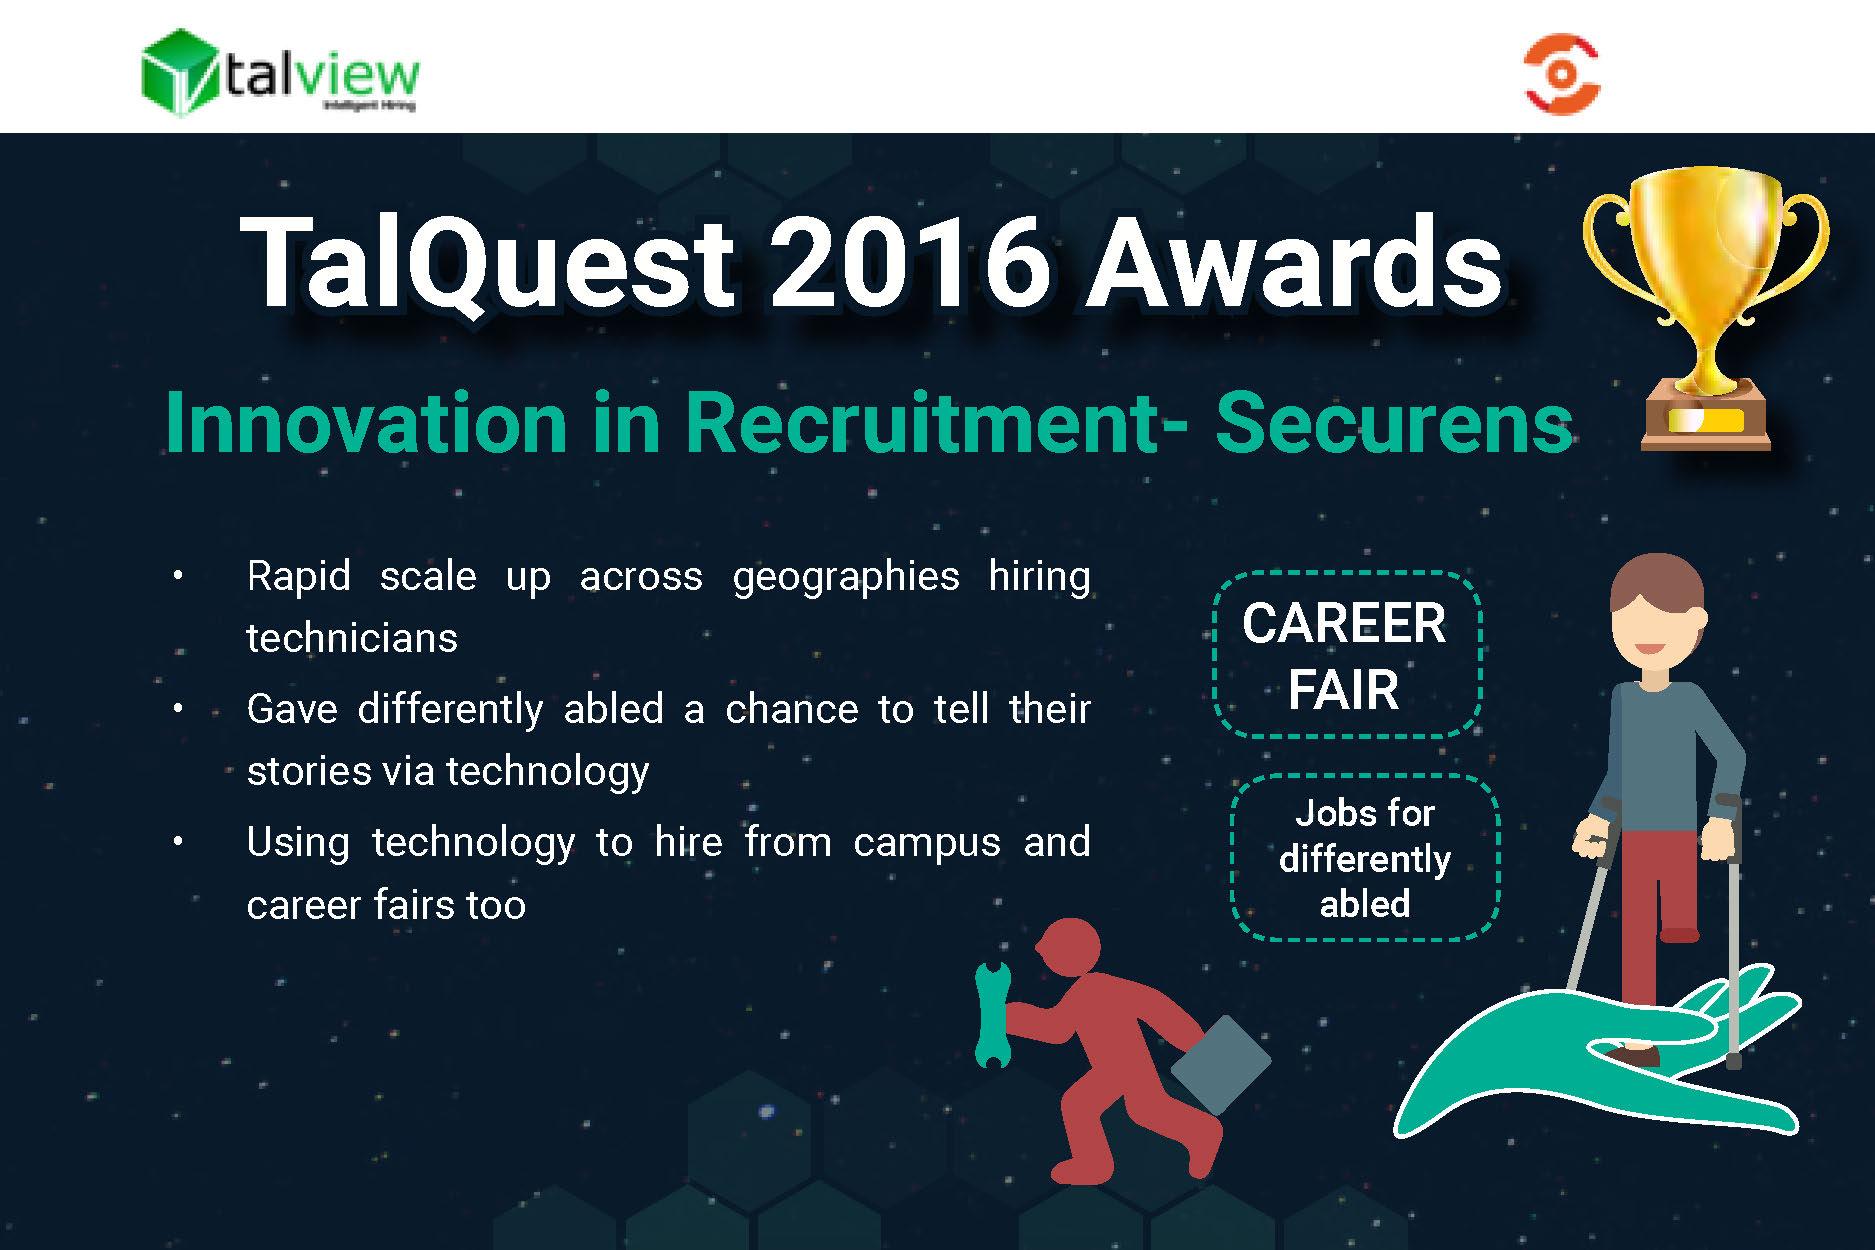 Securens_Innovation_in_Recruitment_Award.jpg